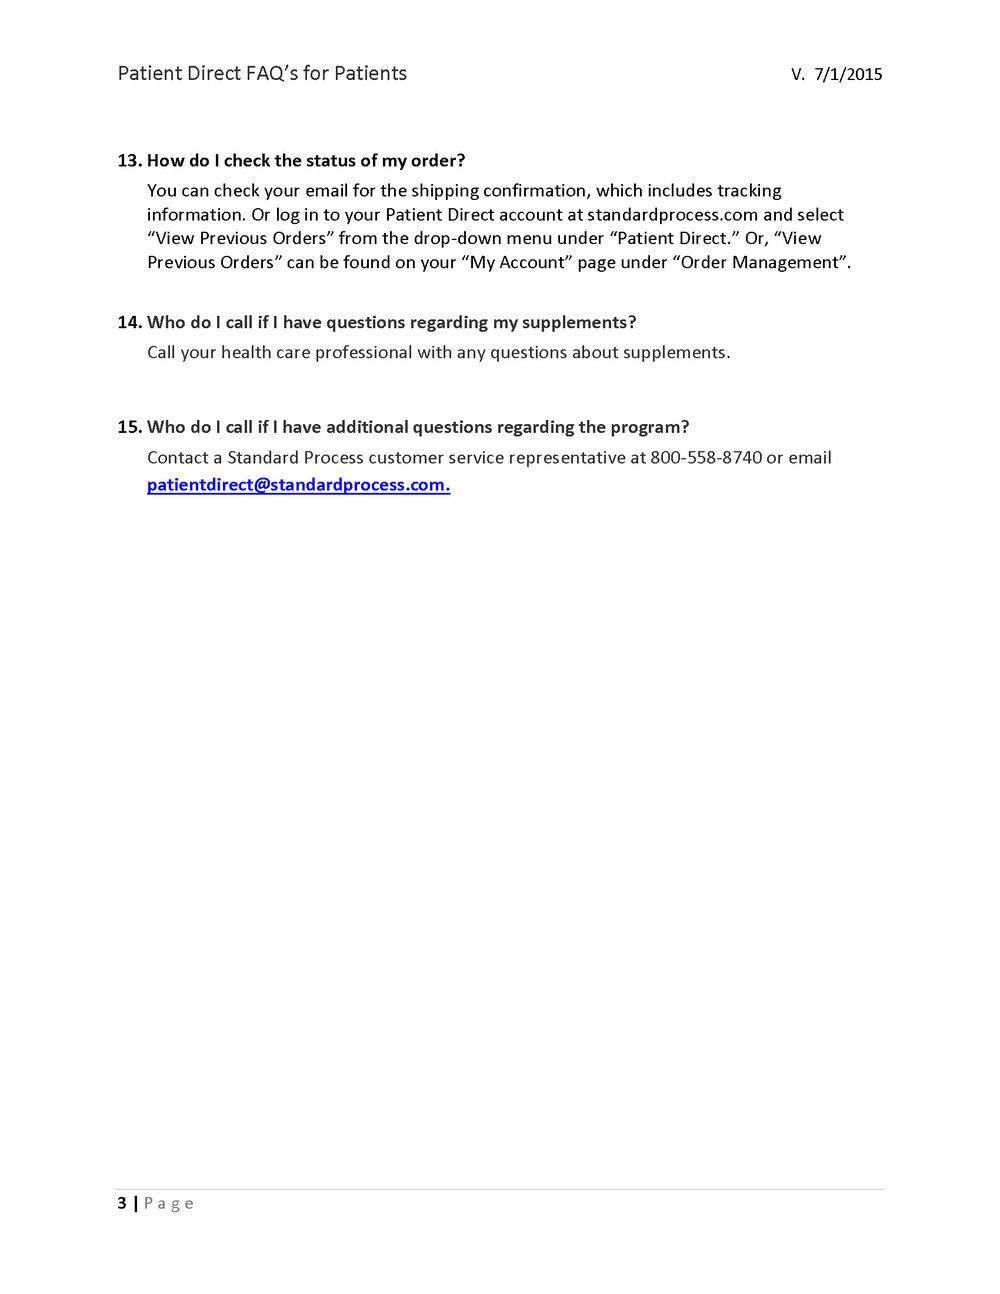 FAQs_Page_3.jpg